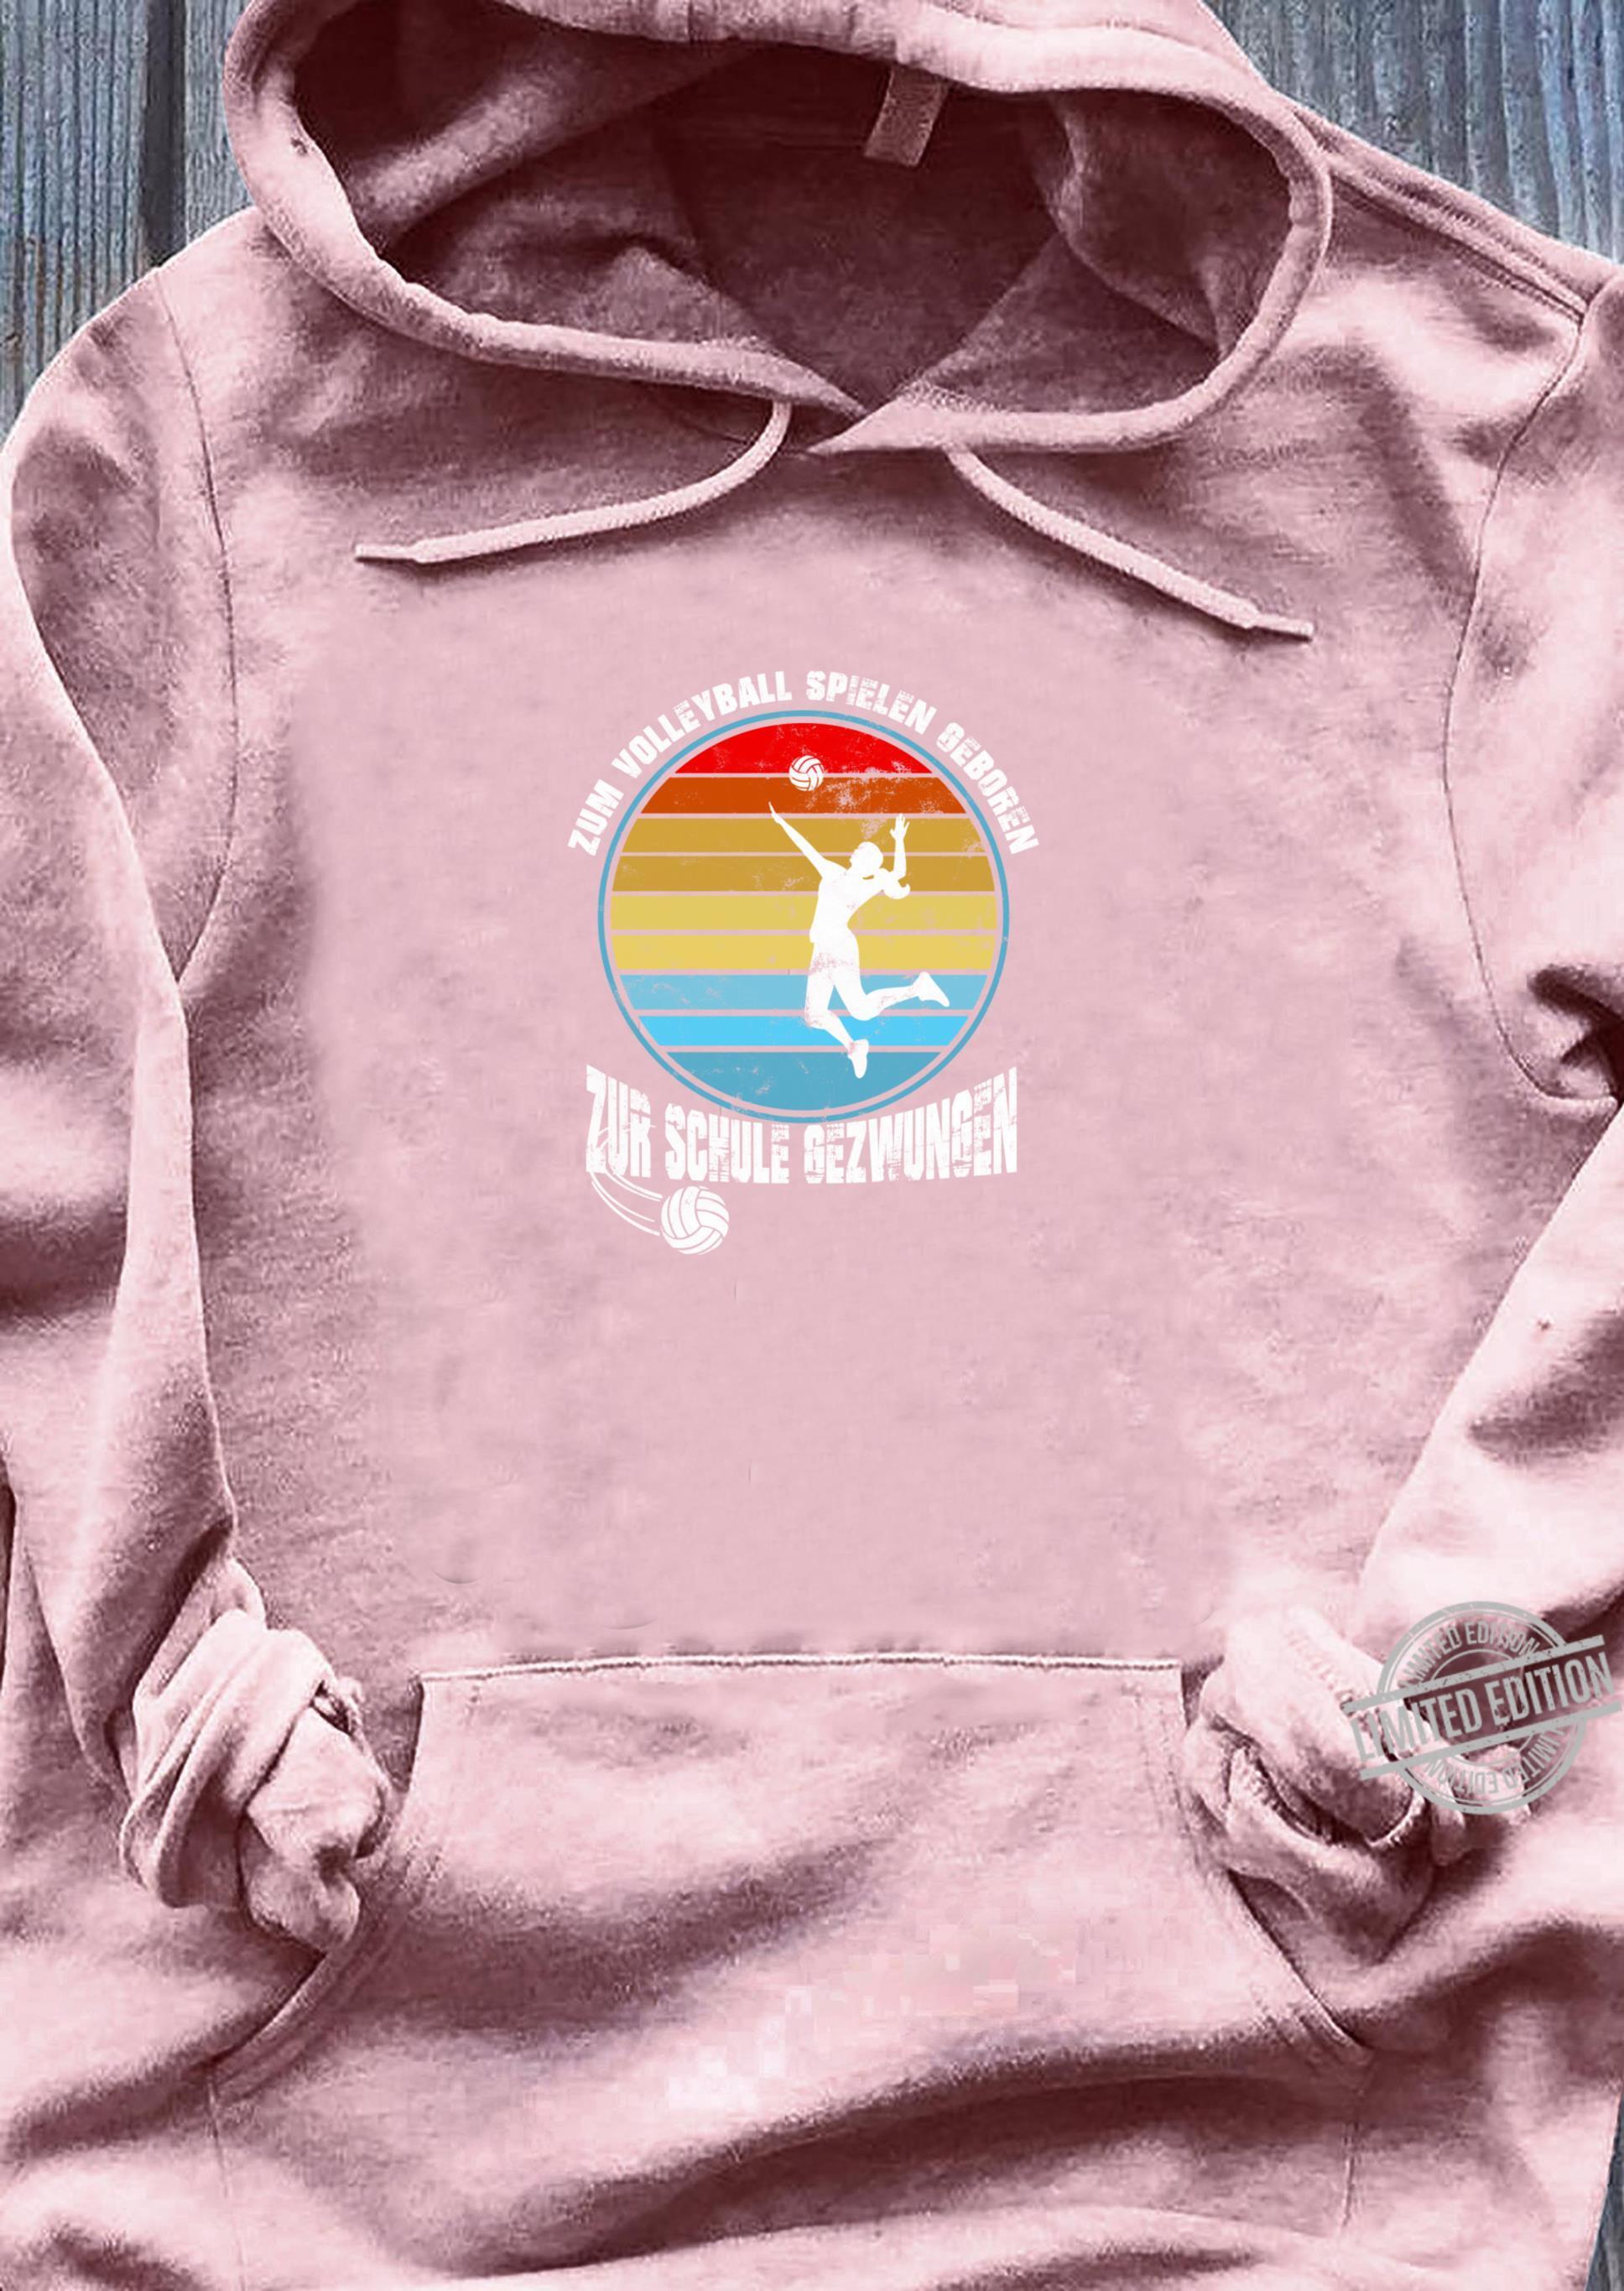 Volleyball Geschenkidee Sport Volleyballteam Mannschaft Shirt sweater